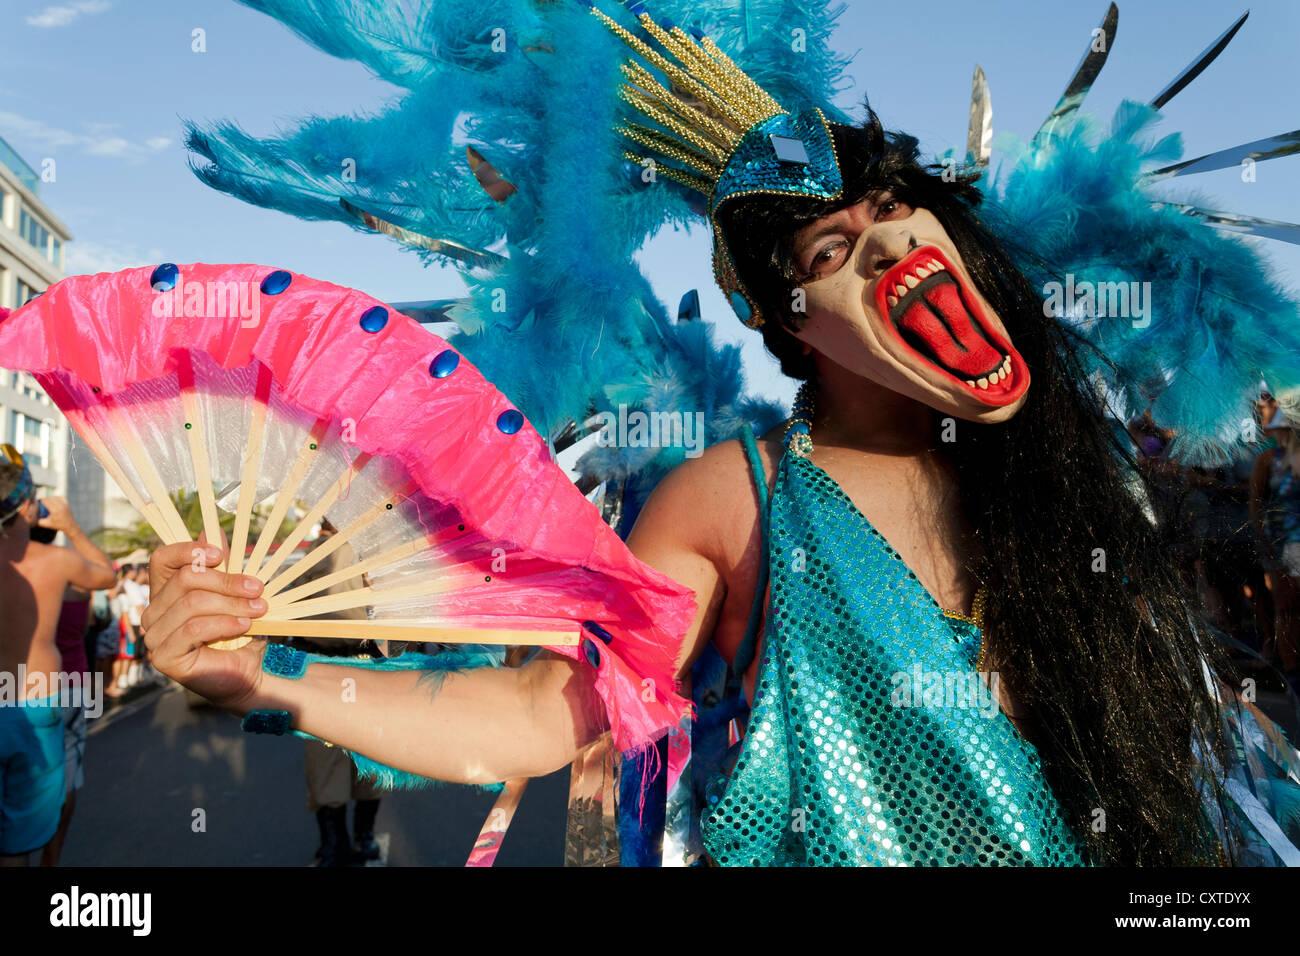 Banda de Ipanema Street Carnival Rio de Janeiro Brazil - Stock Image